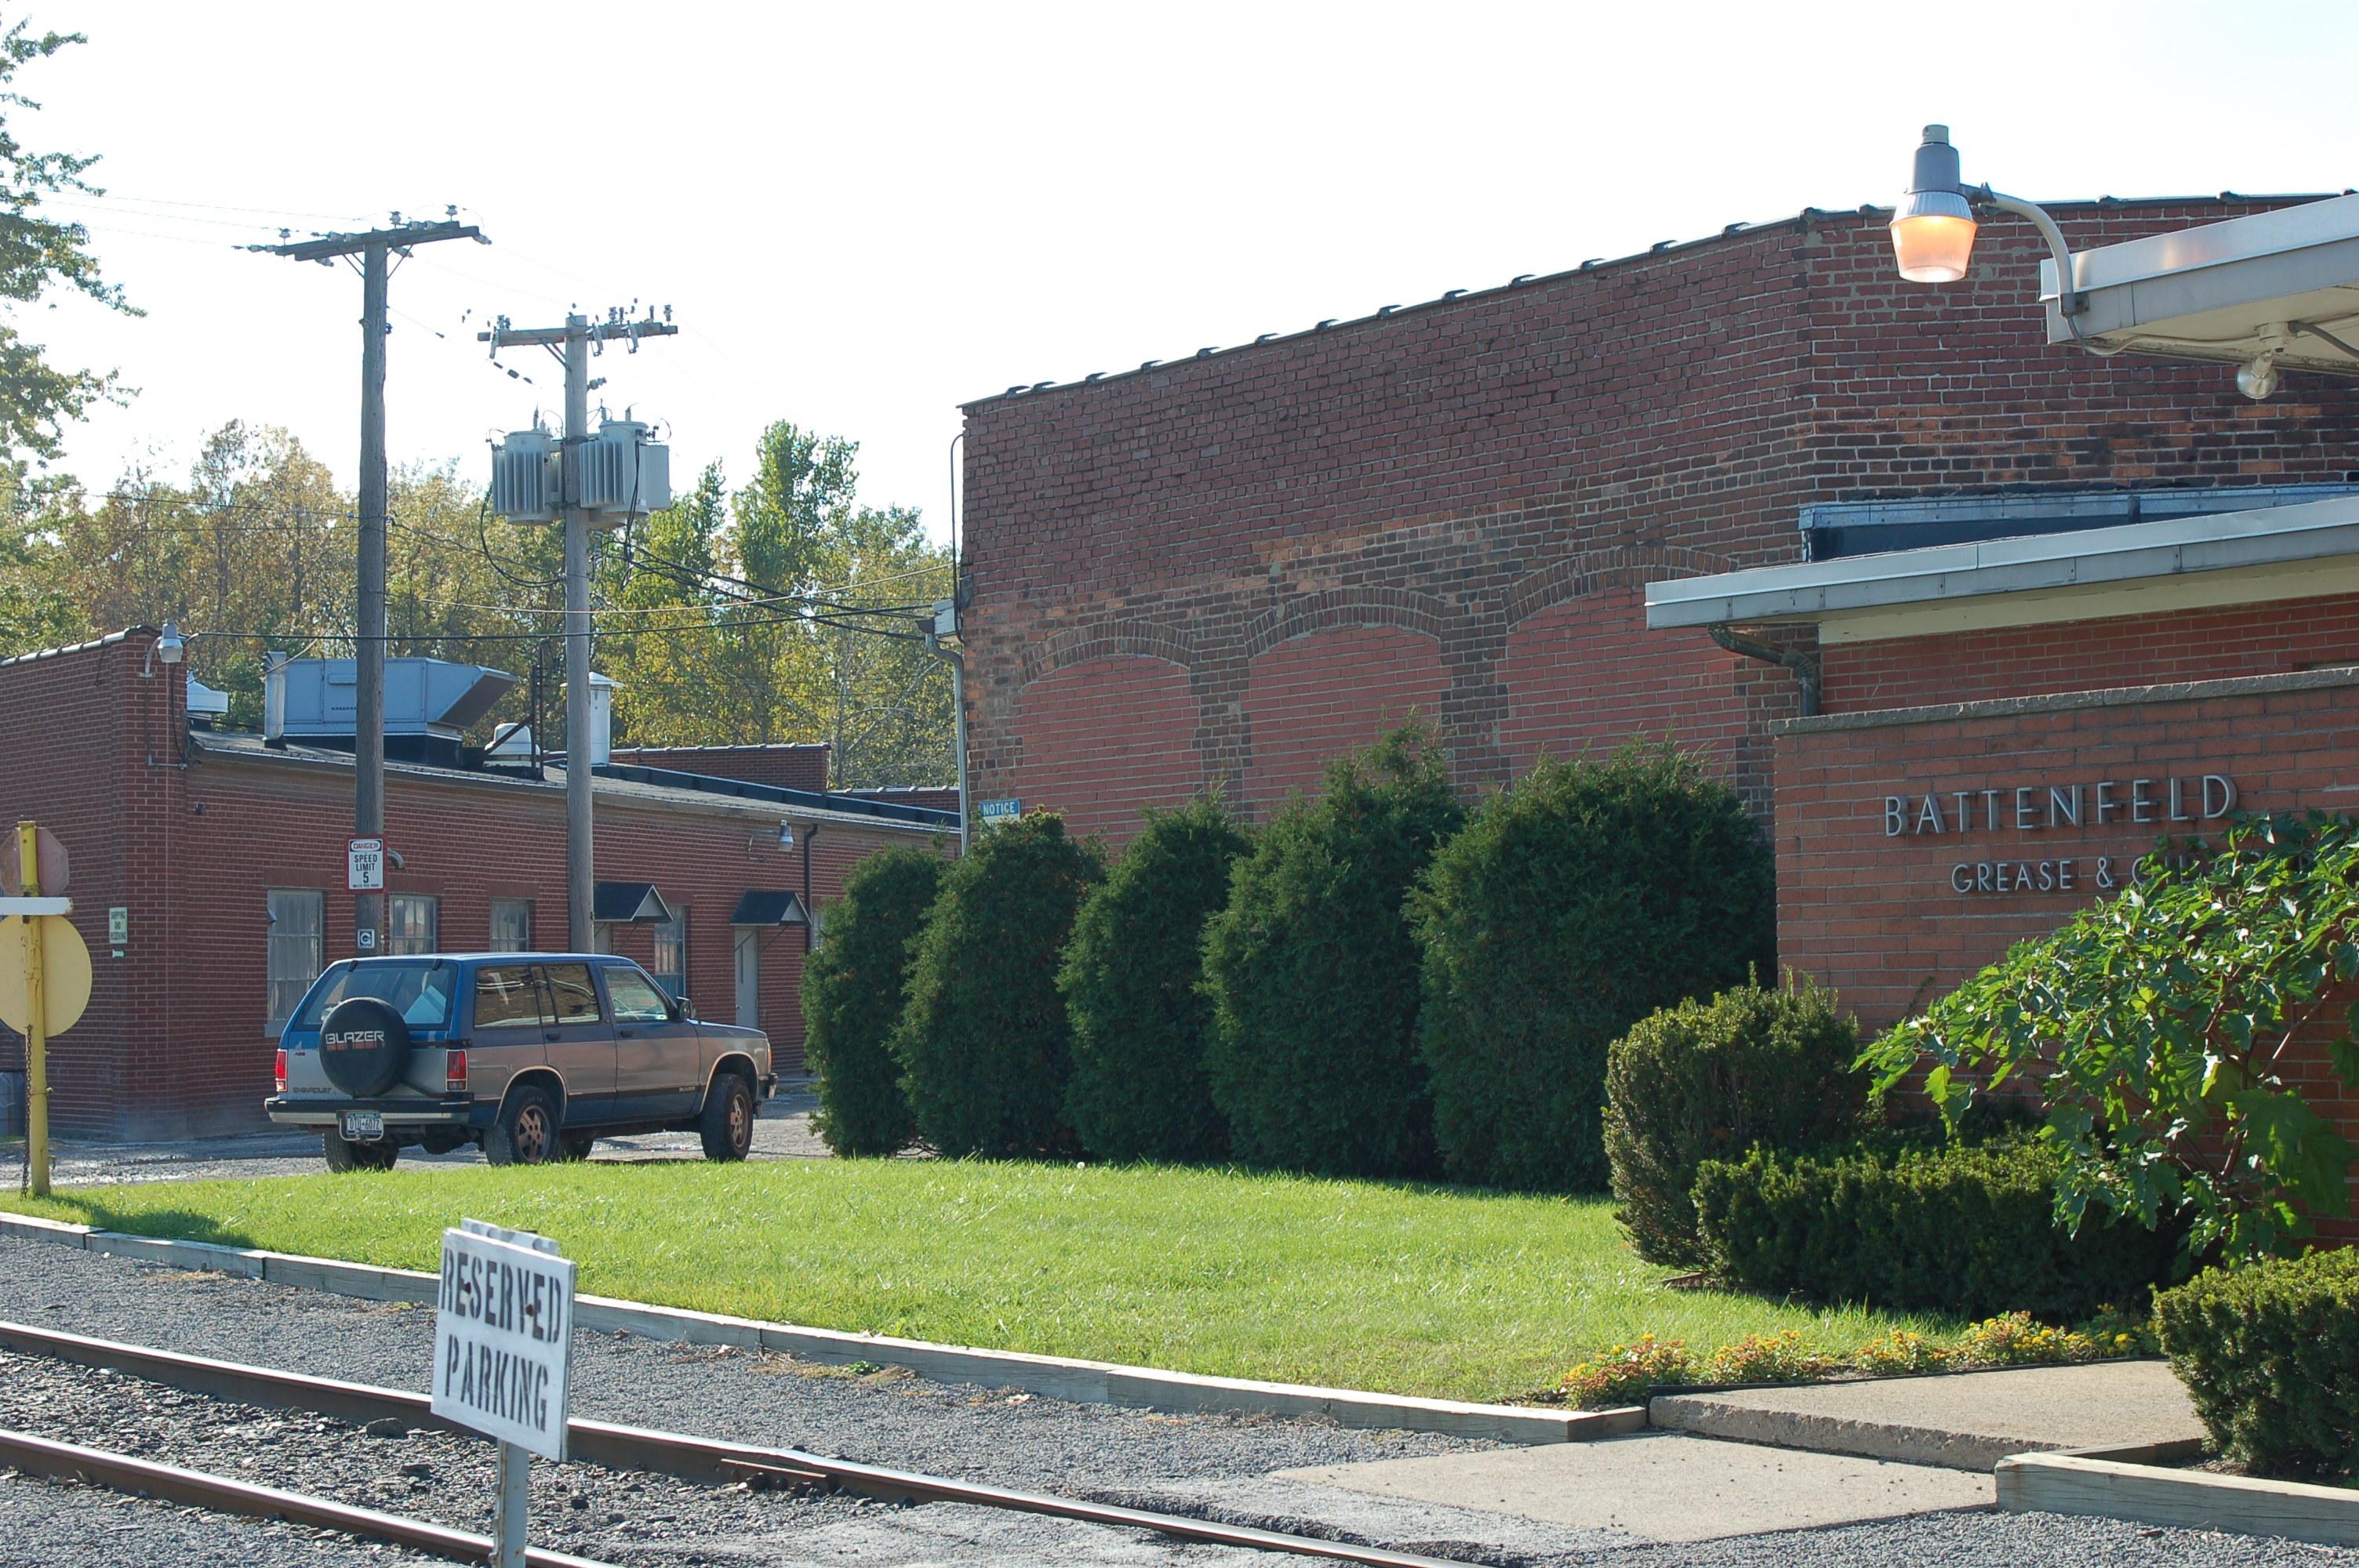 1174 Erie Ave, photo 3 (2008).jpg